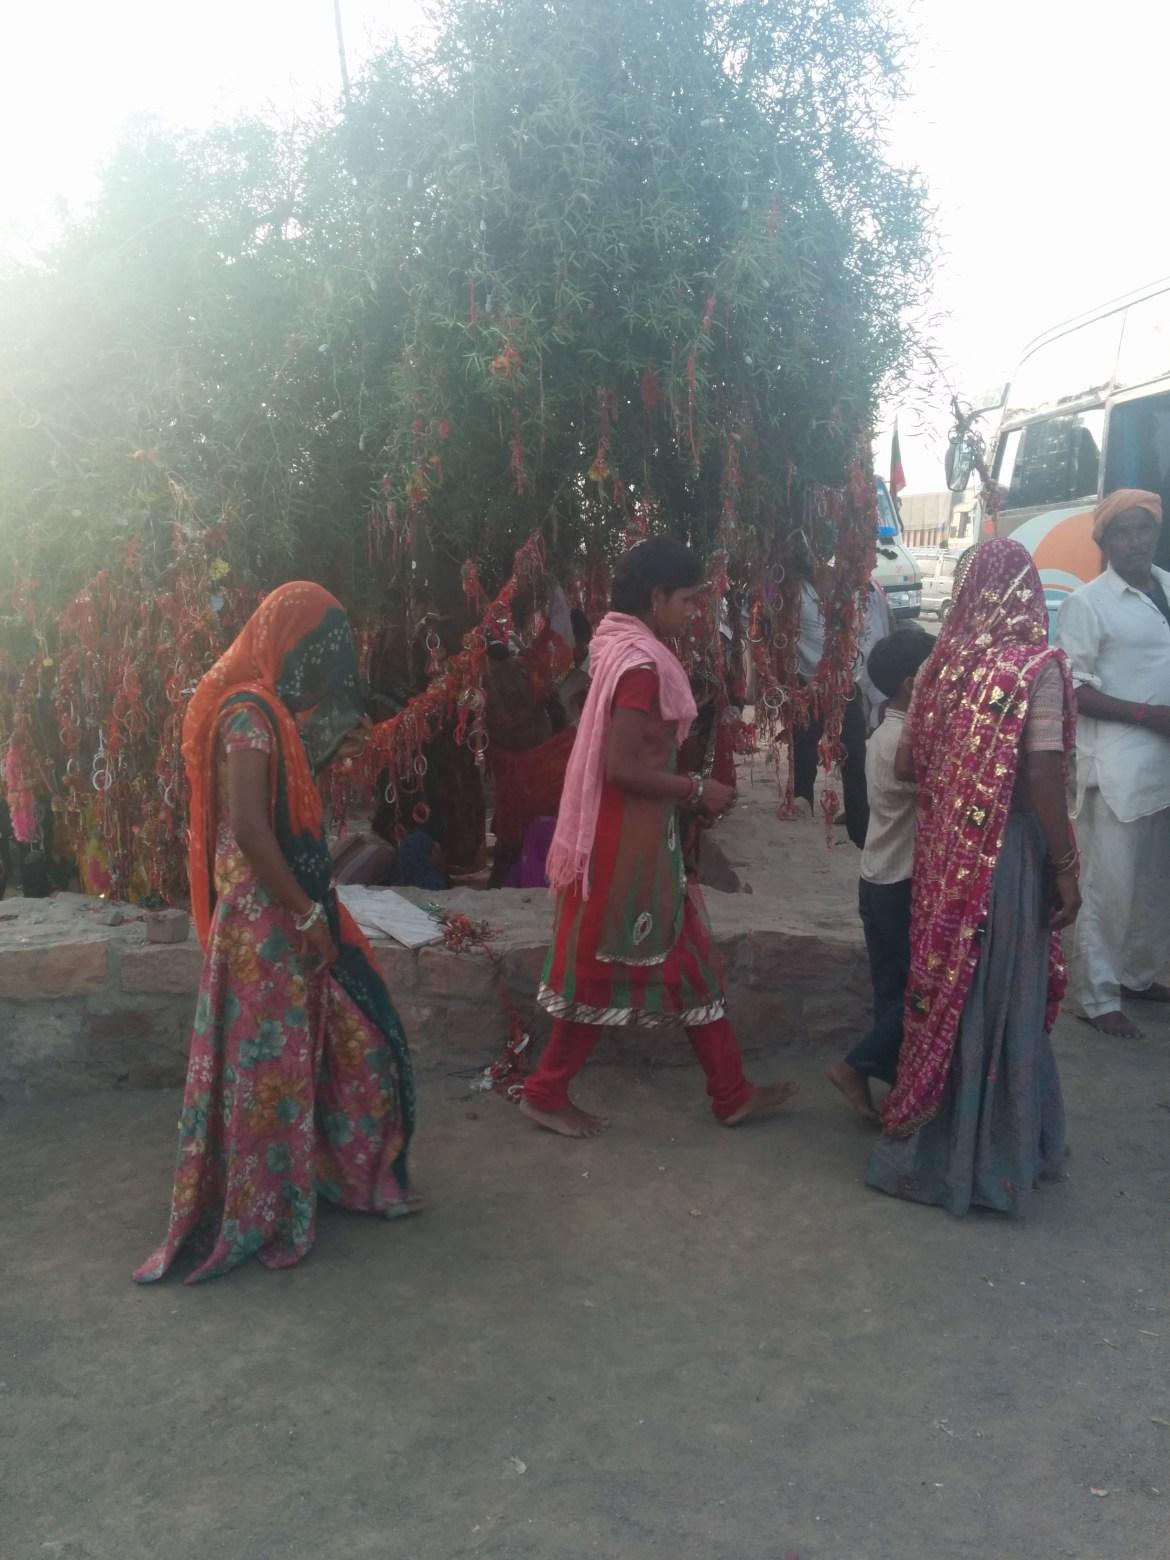 img 20140818 183032 - Radżastan - magia kolorów i zapachów Indii